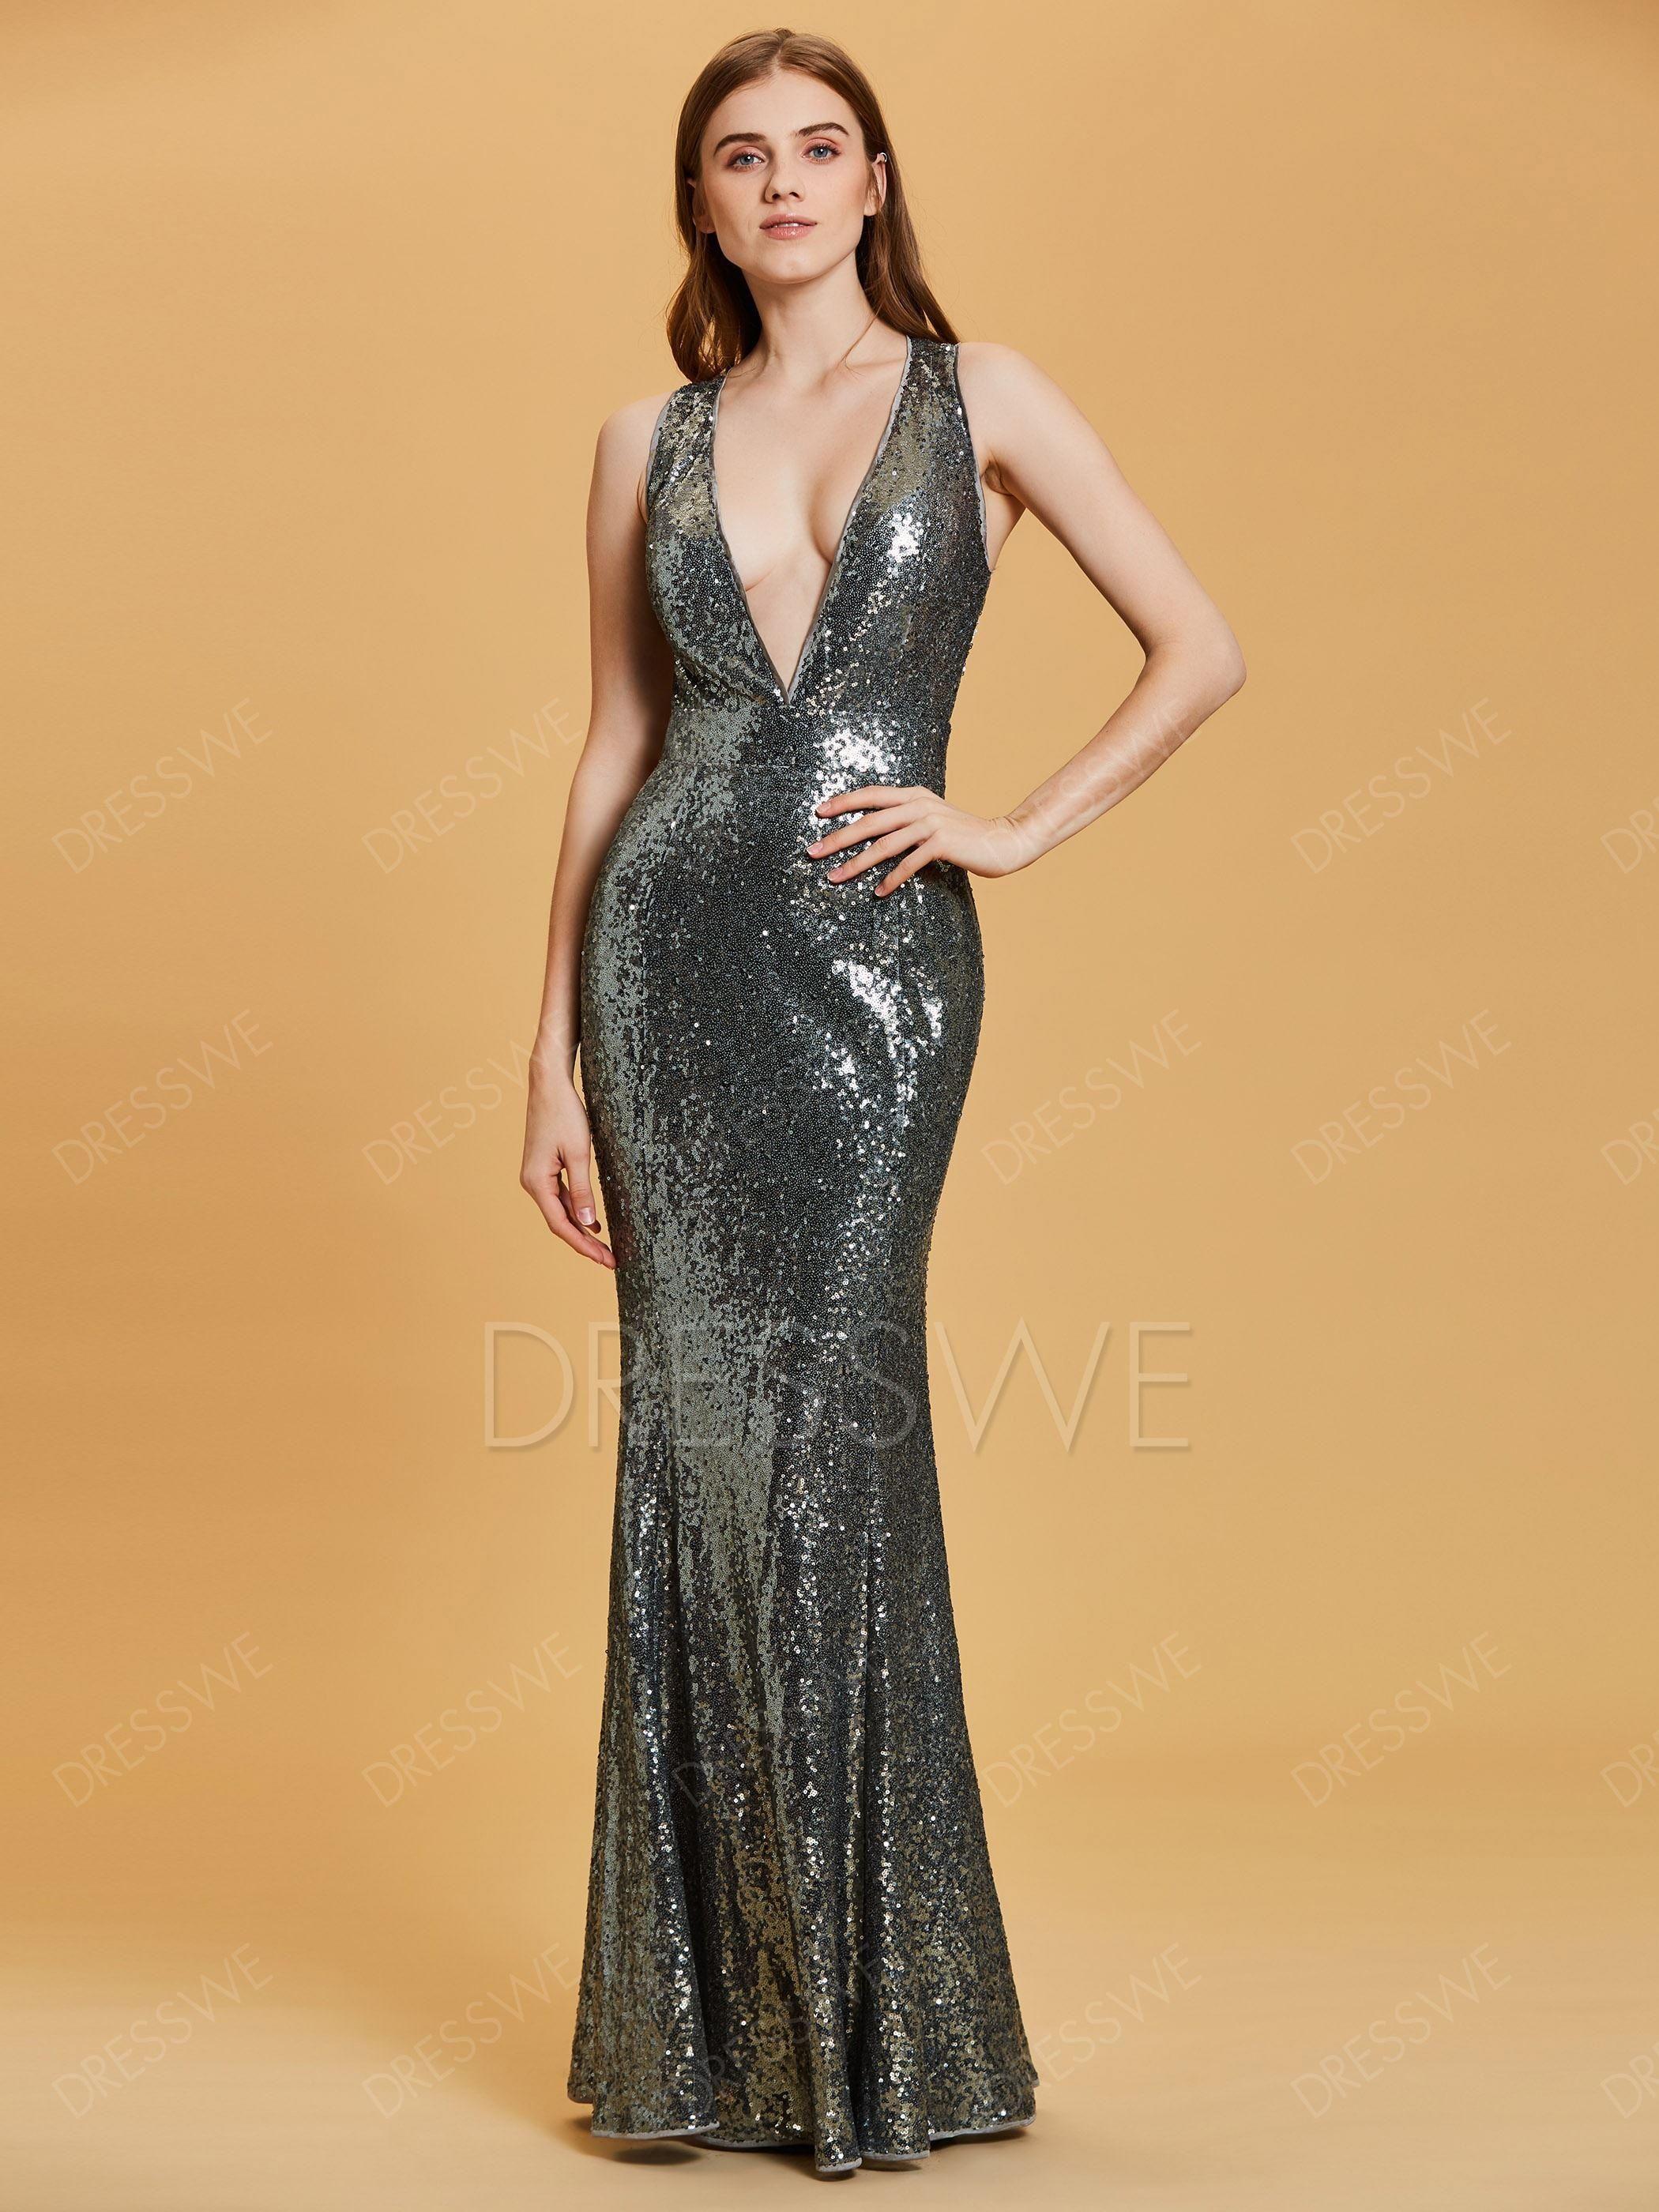 6887c1e685750 #falloutfits #AdoreWe #DressWe - #DressWe V Neck Criss-Cross Straps Sequins  Sheath Evening Dress - AdoreWe.com